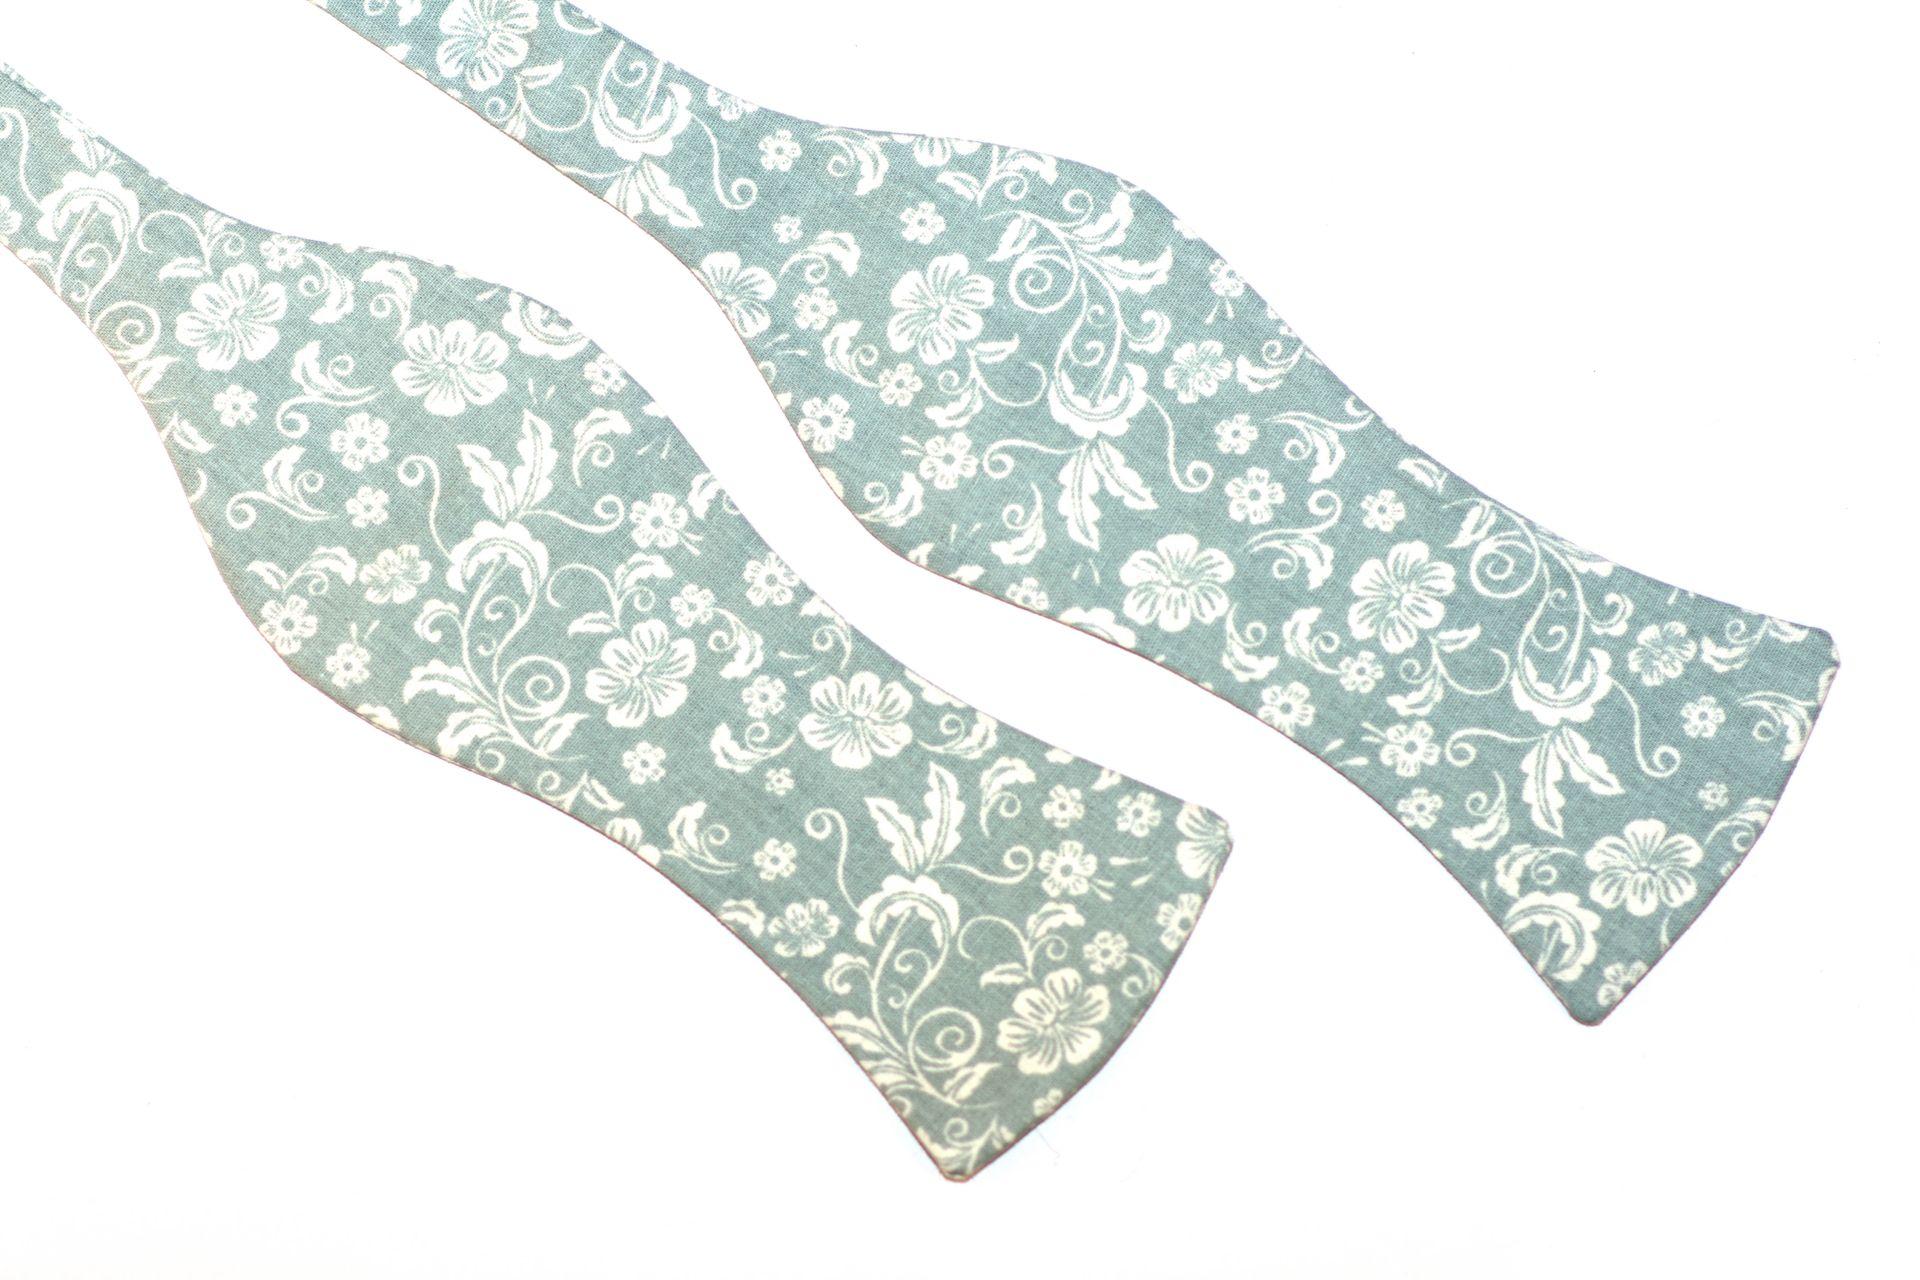 Herren Anzug Schleife grau blaues Blumenmuster zum selberbinden – Selbstbinder